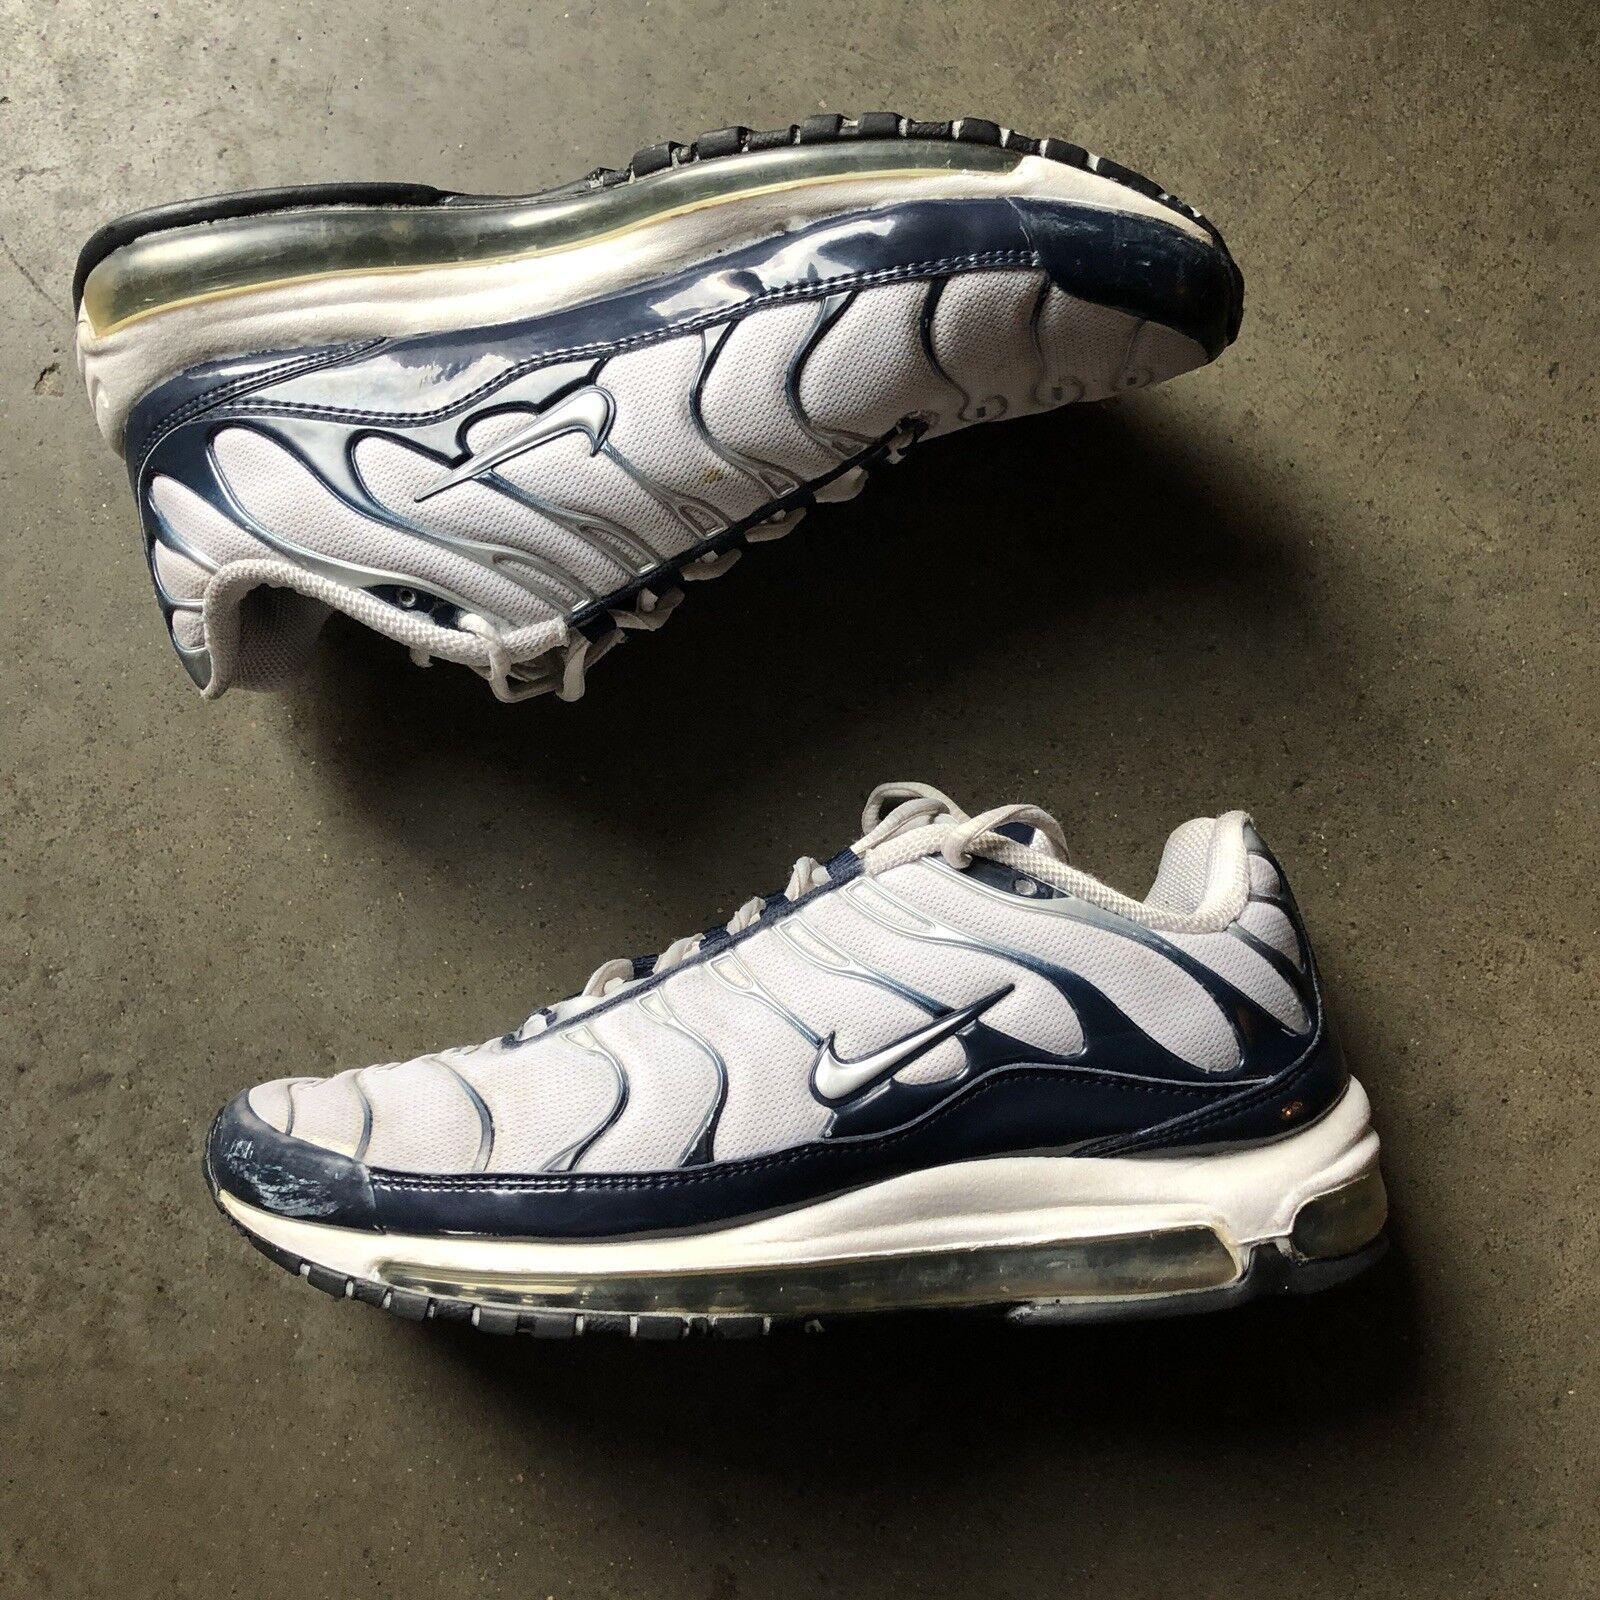 Men's 2008 Nike Air Air Air Max MX Plus 97 White Metallic Silver Midnight Navy bluee Sz 9 76d6ba